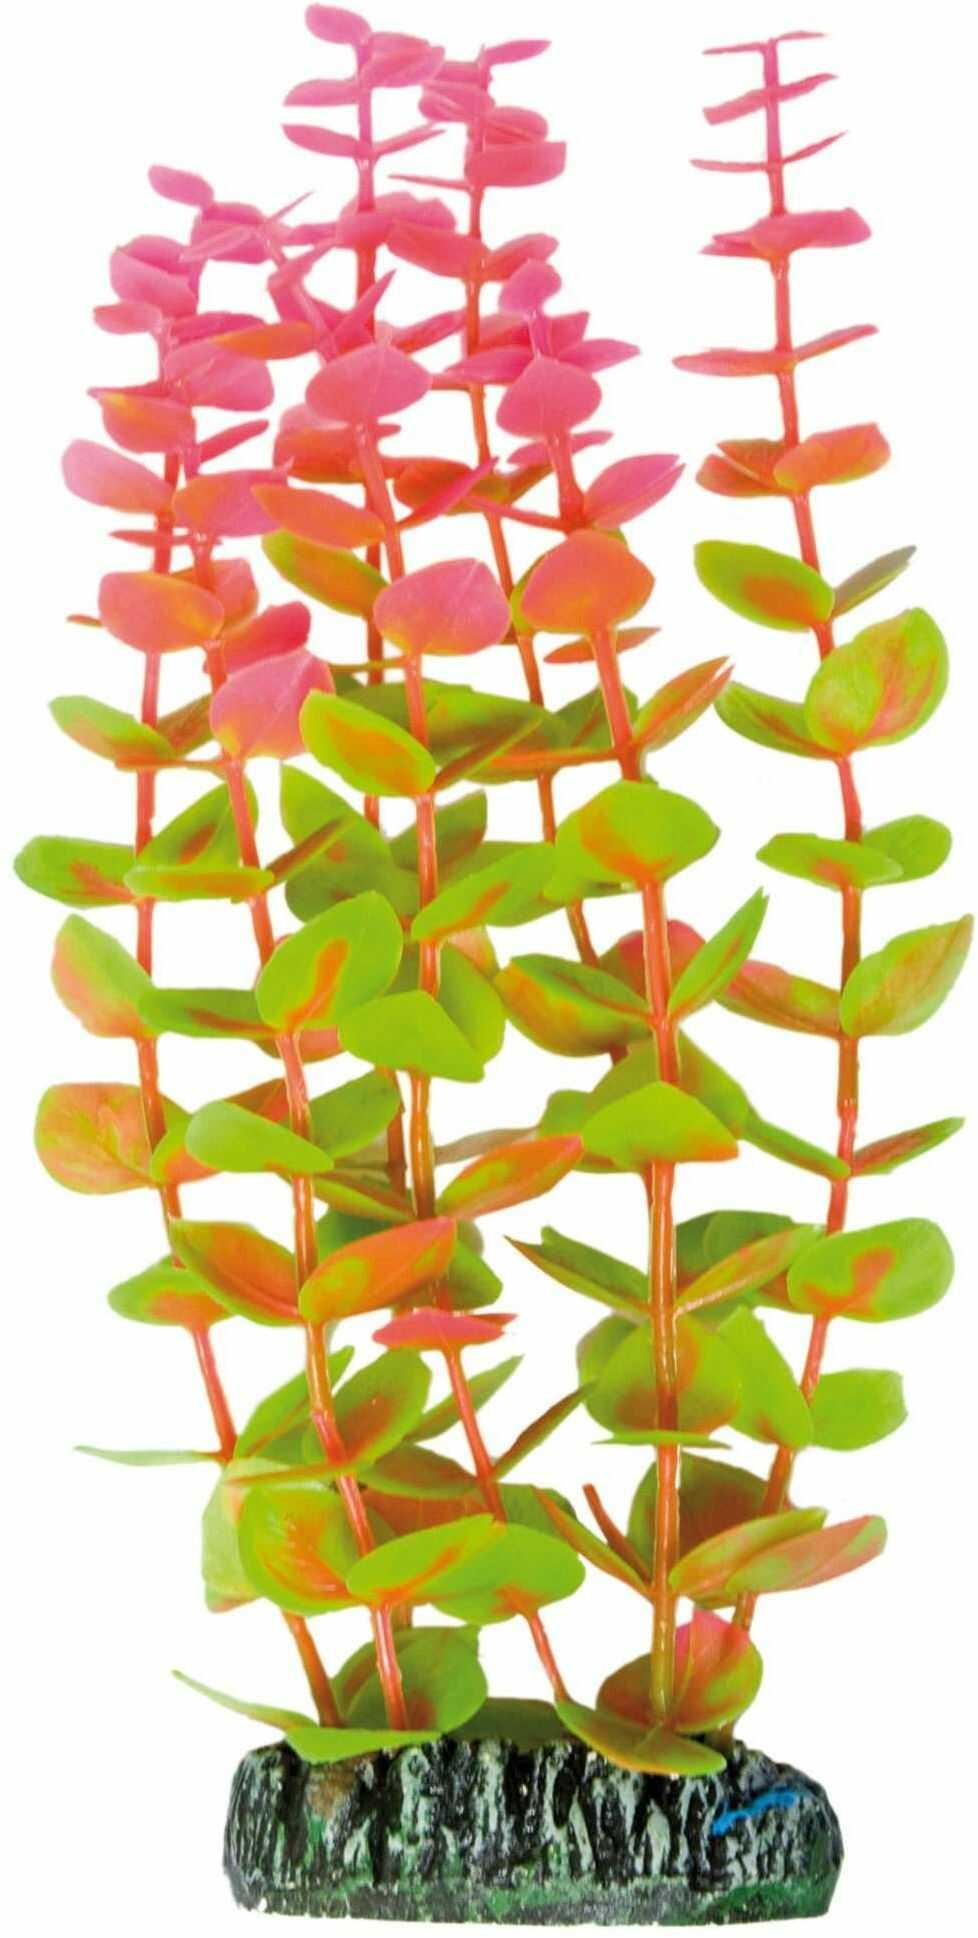 ICA AP1004 rośliny wodne plastikowa alternanthera